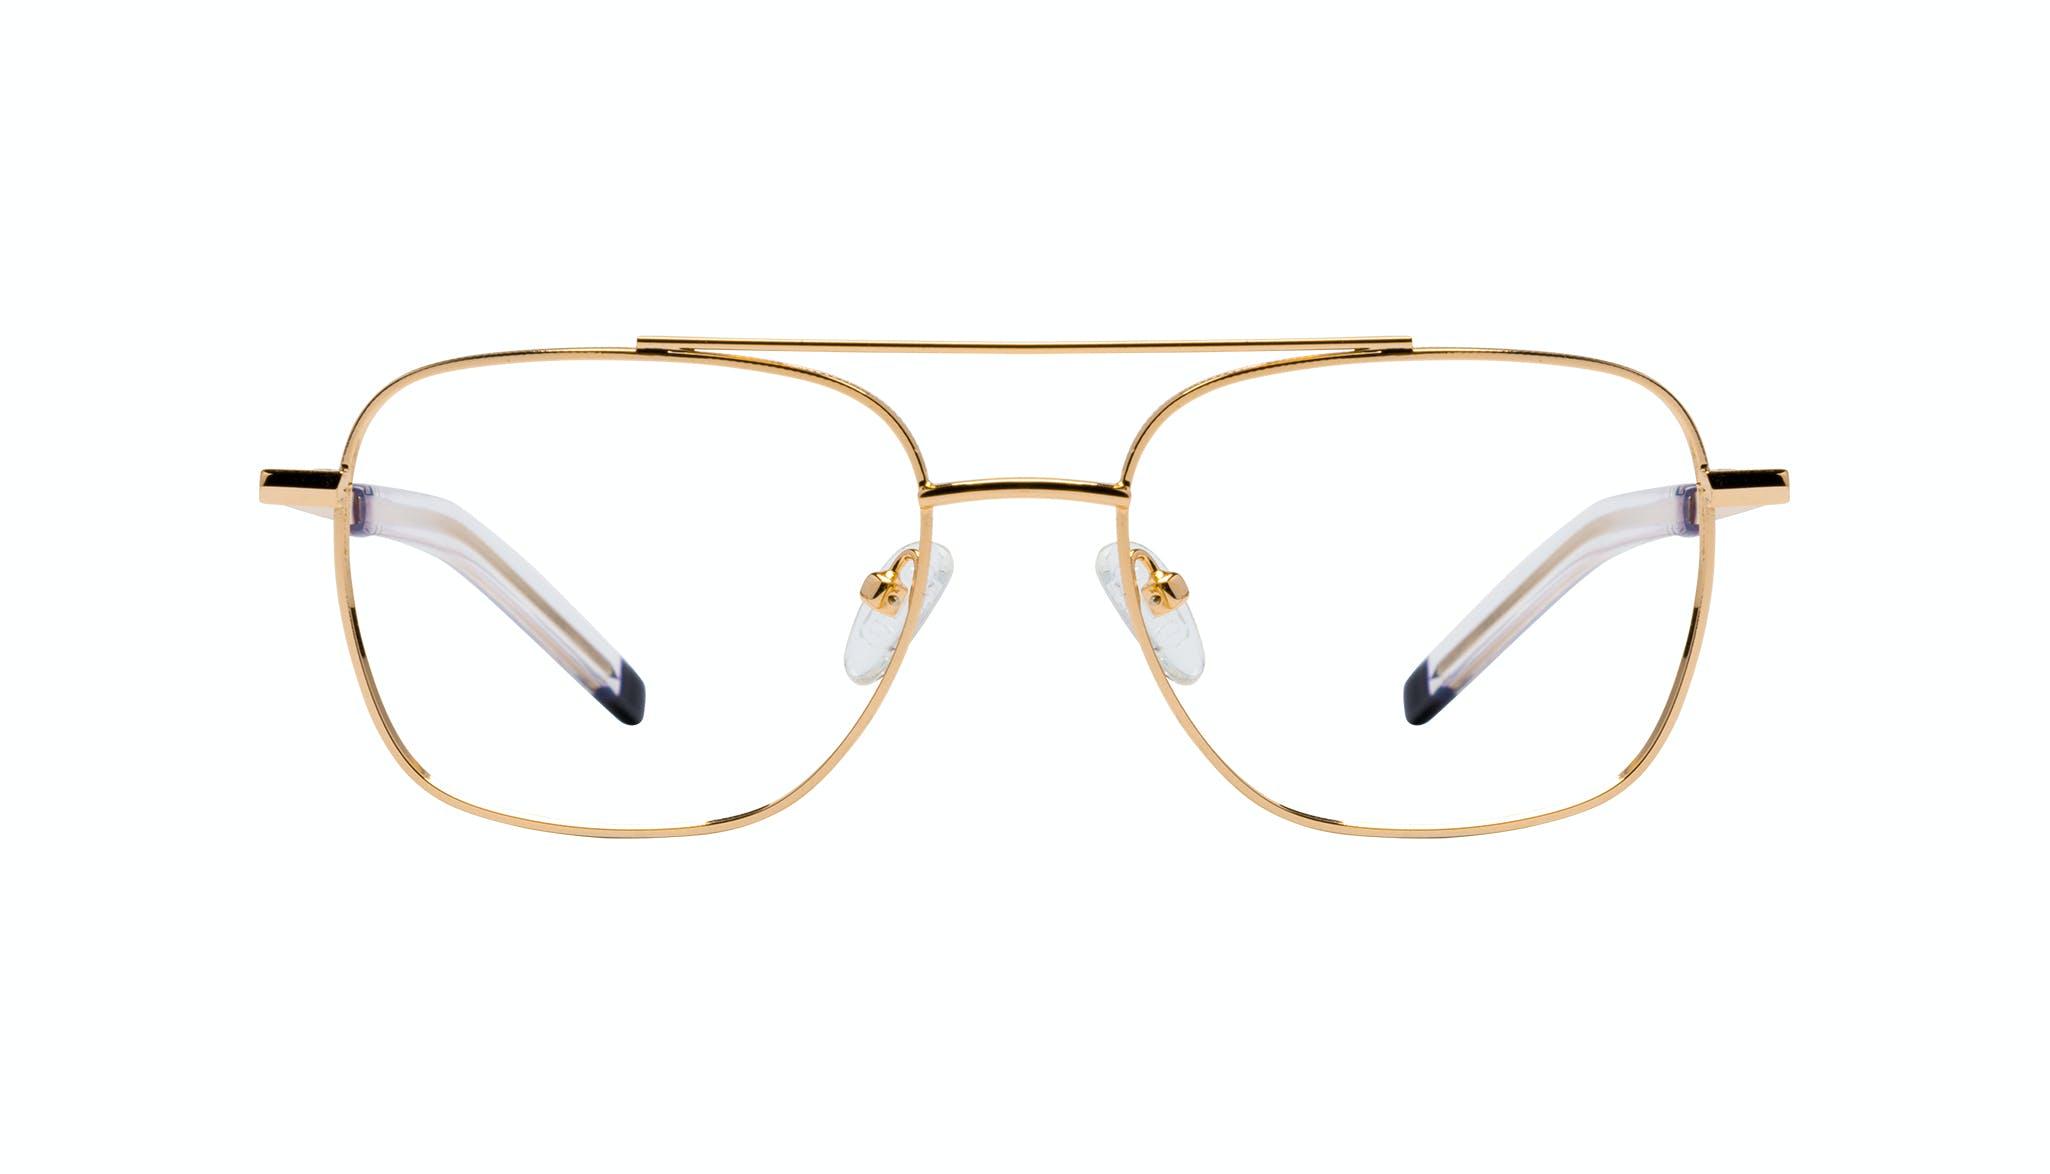 Lunettes tendance Lunettes aviateur Lunettes de vue Hommes Drift Gold